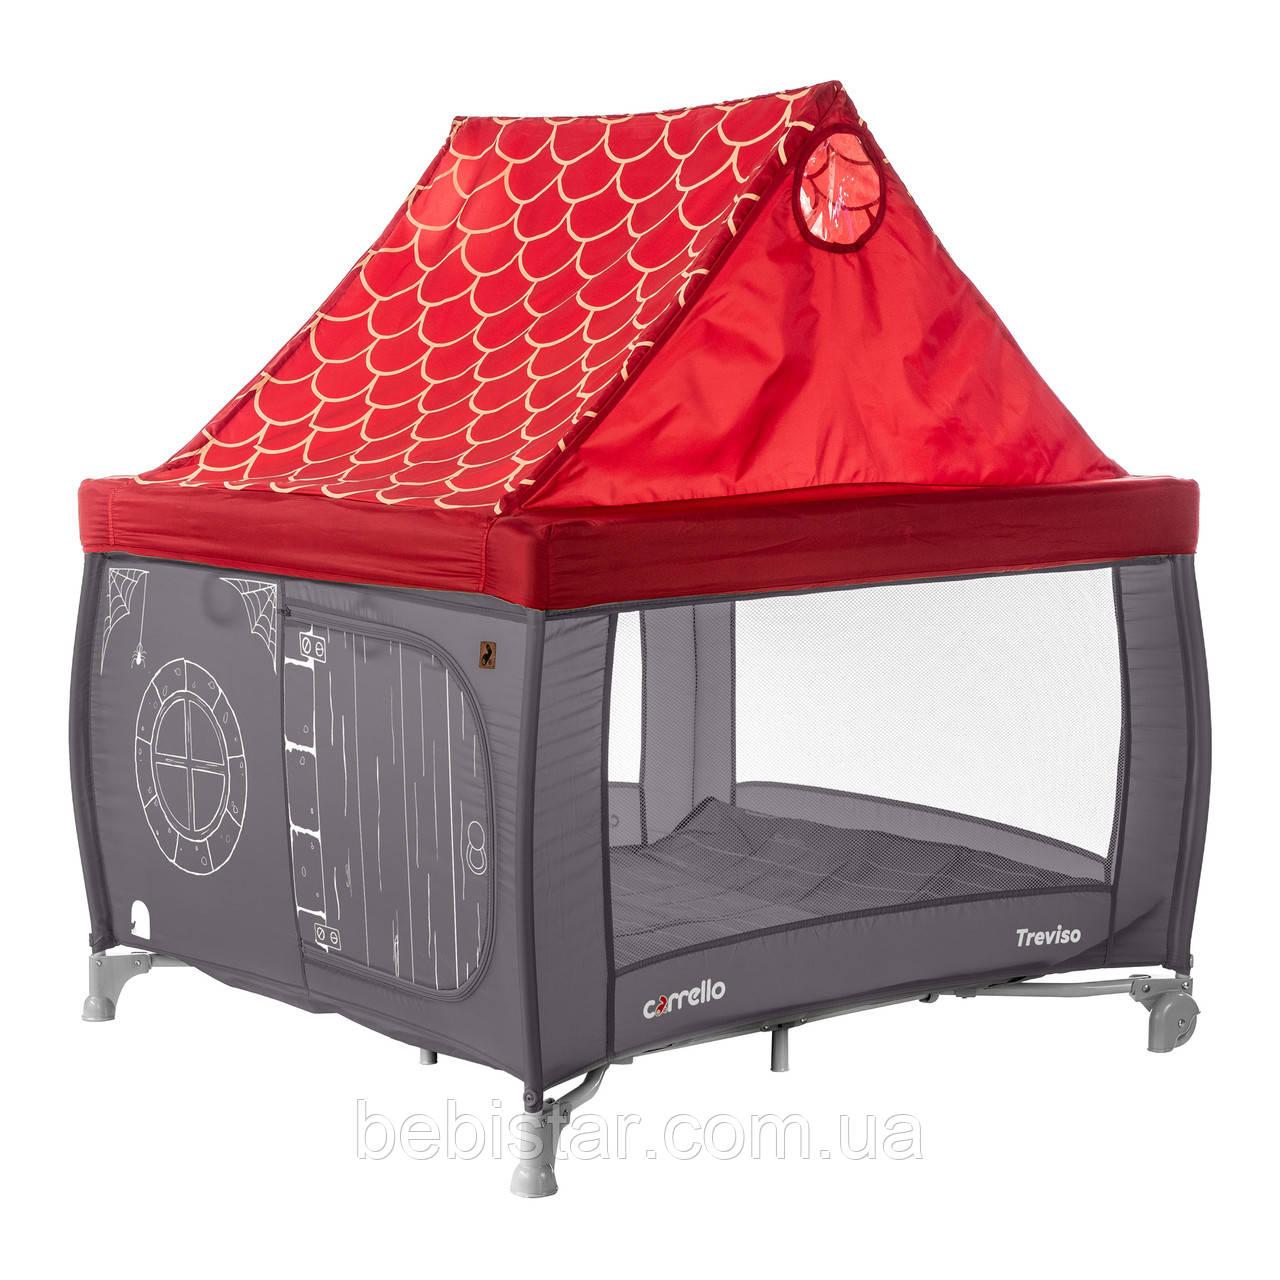 Детский манеж темно-серый съёмная крыша с кольцами и сумкой переноской CARRELLO Treviso CRL-11603 Magnet Grey